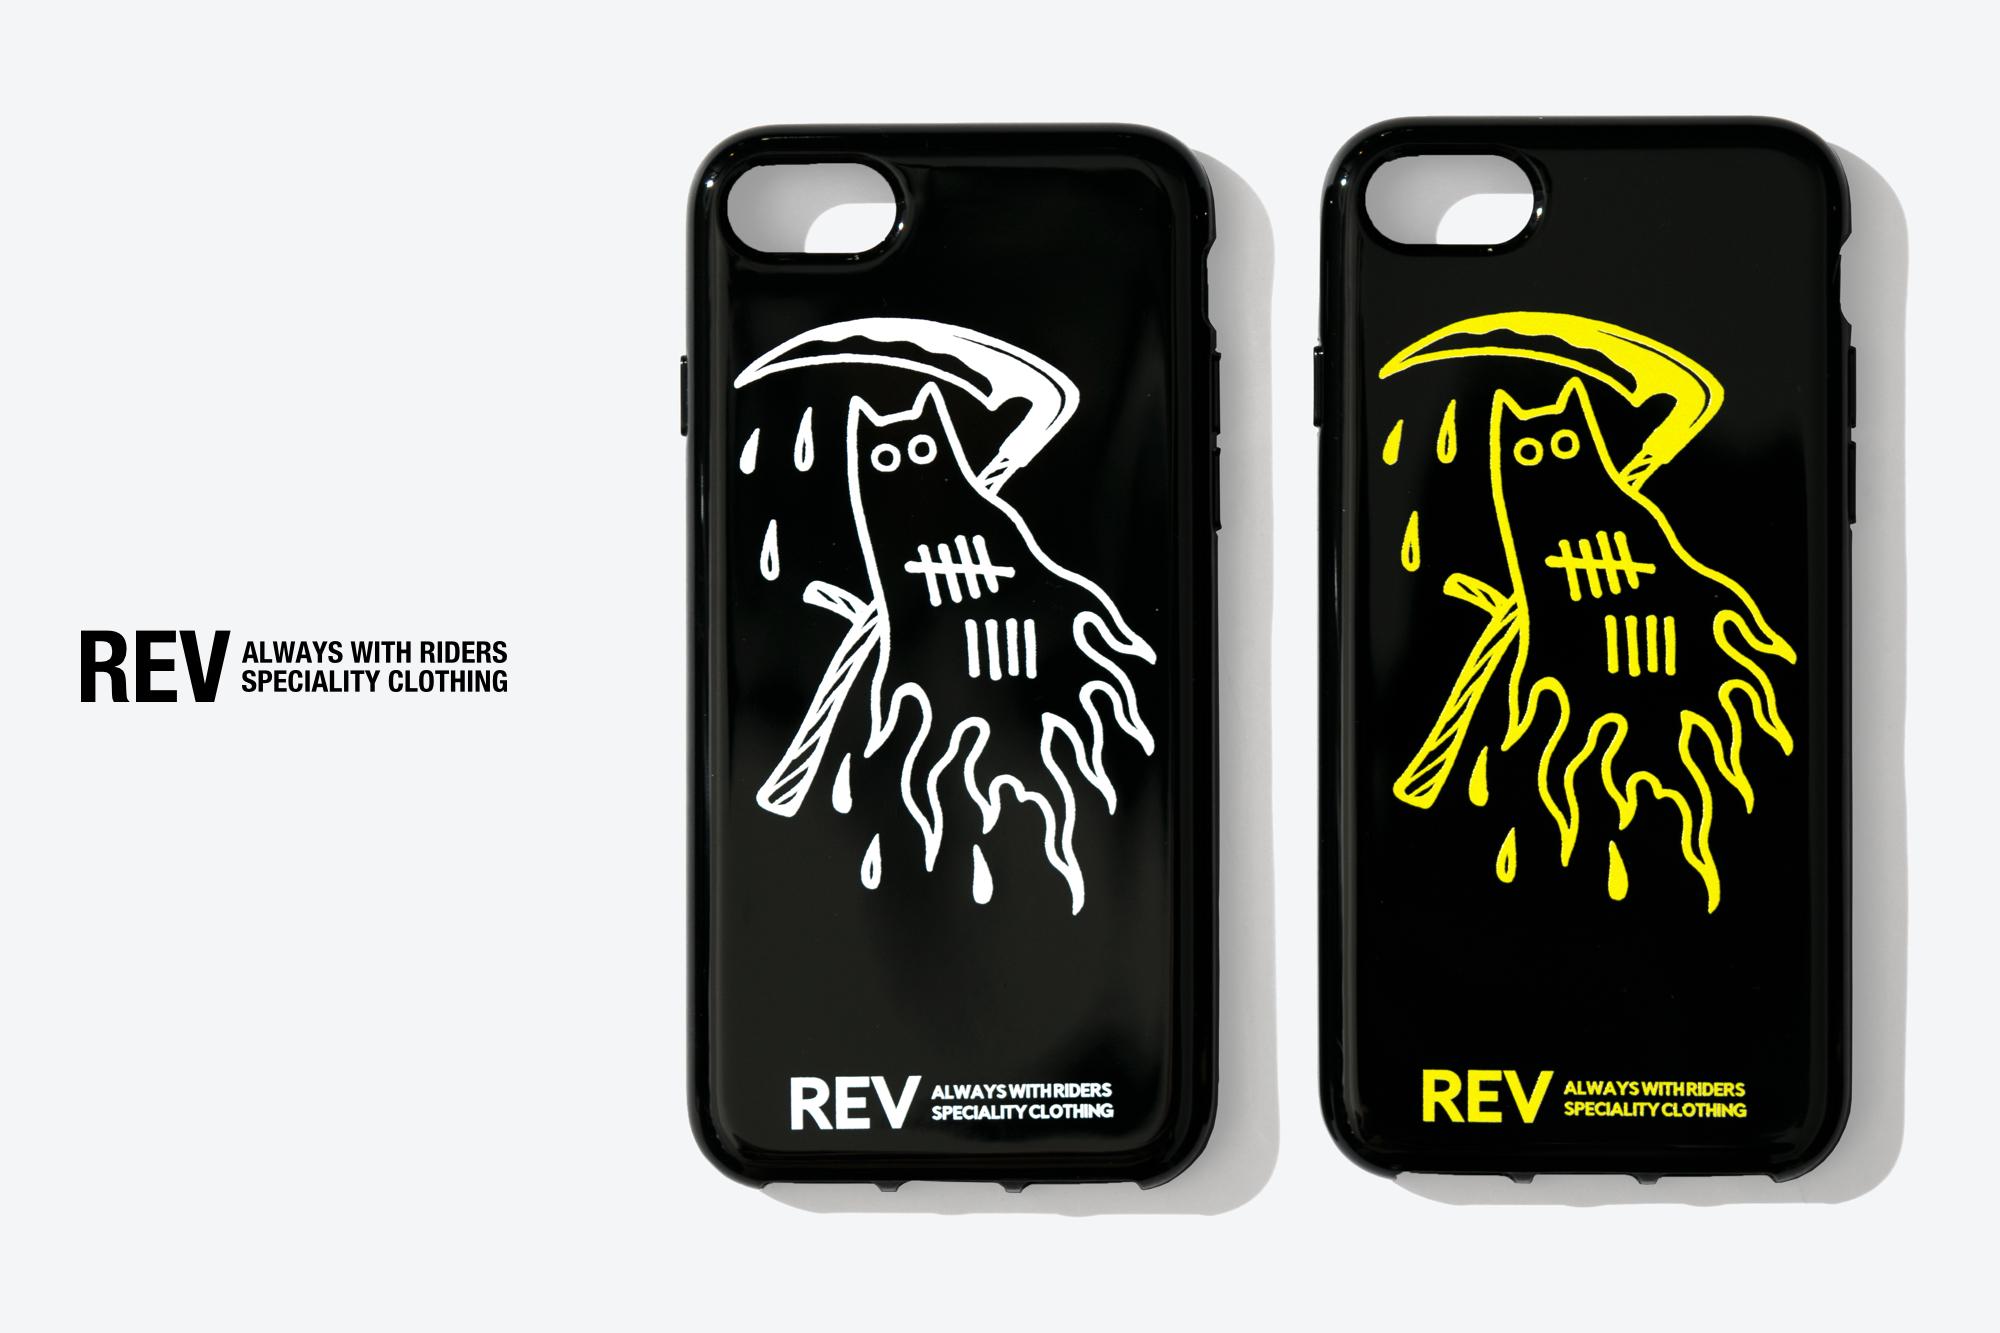 REV iPhone CASE